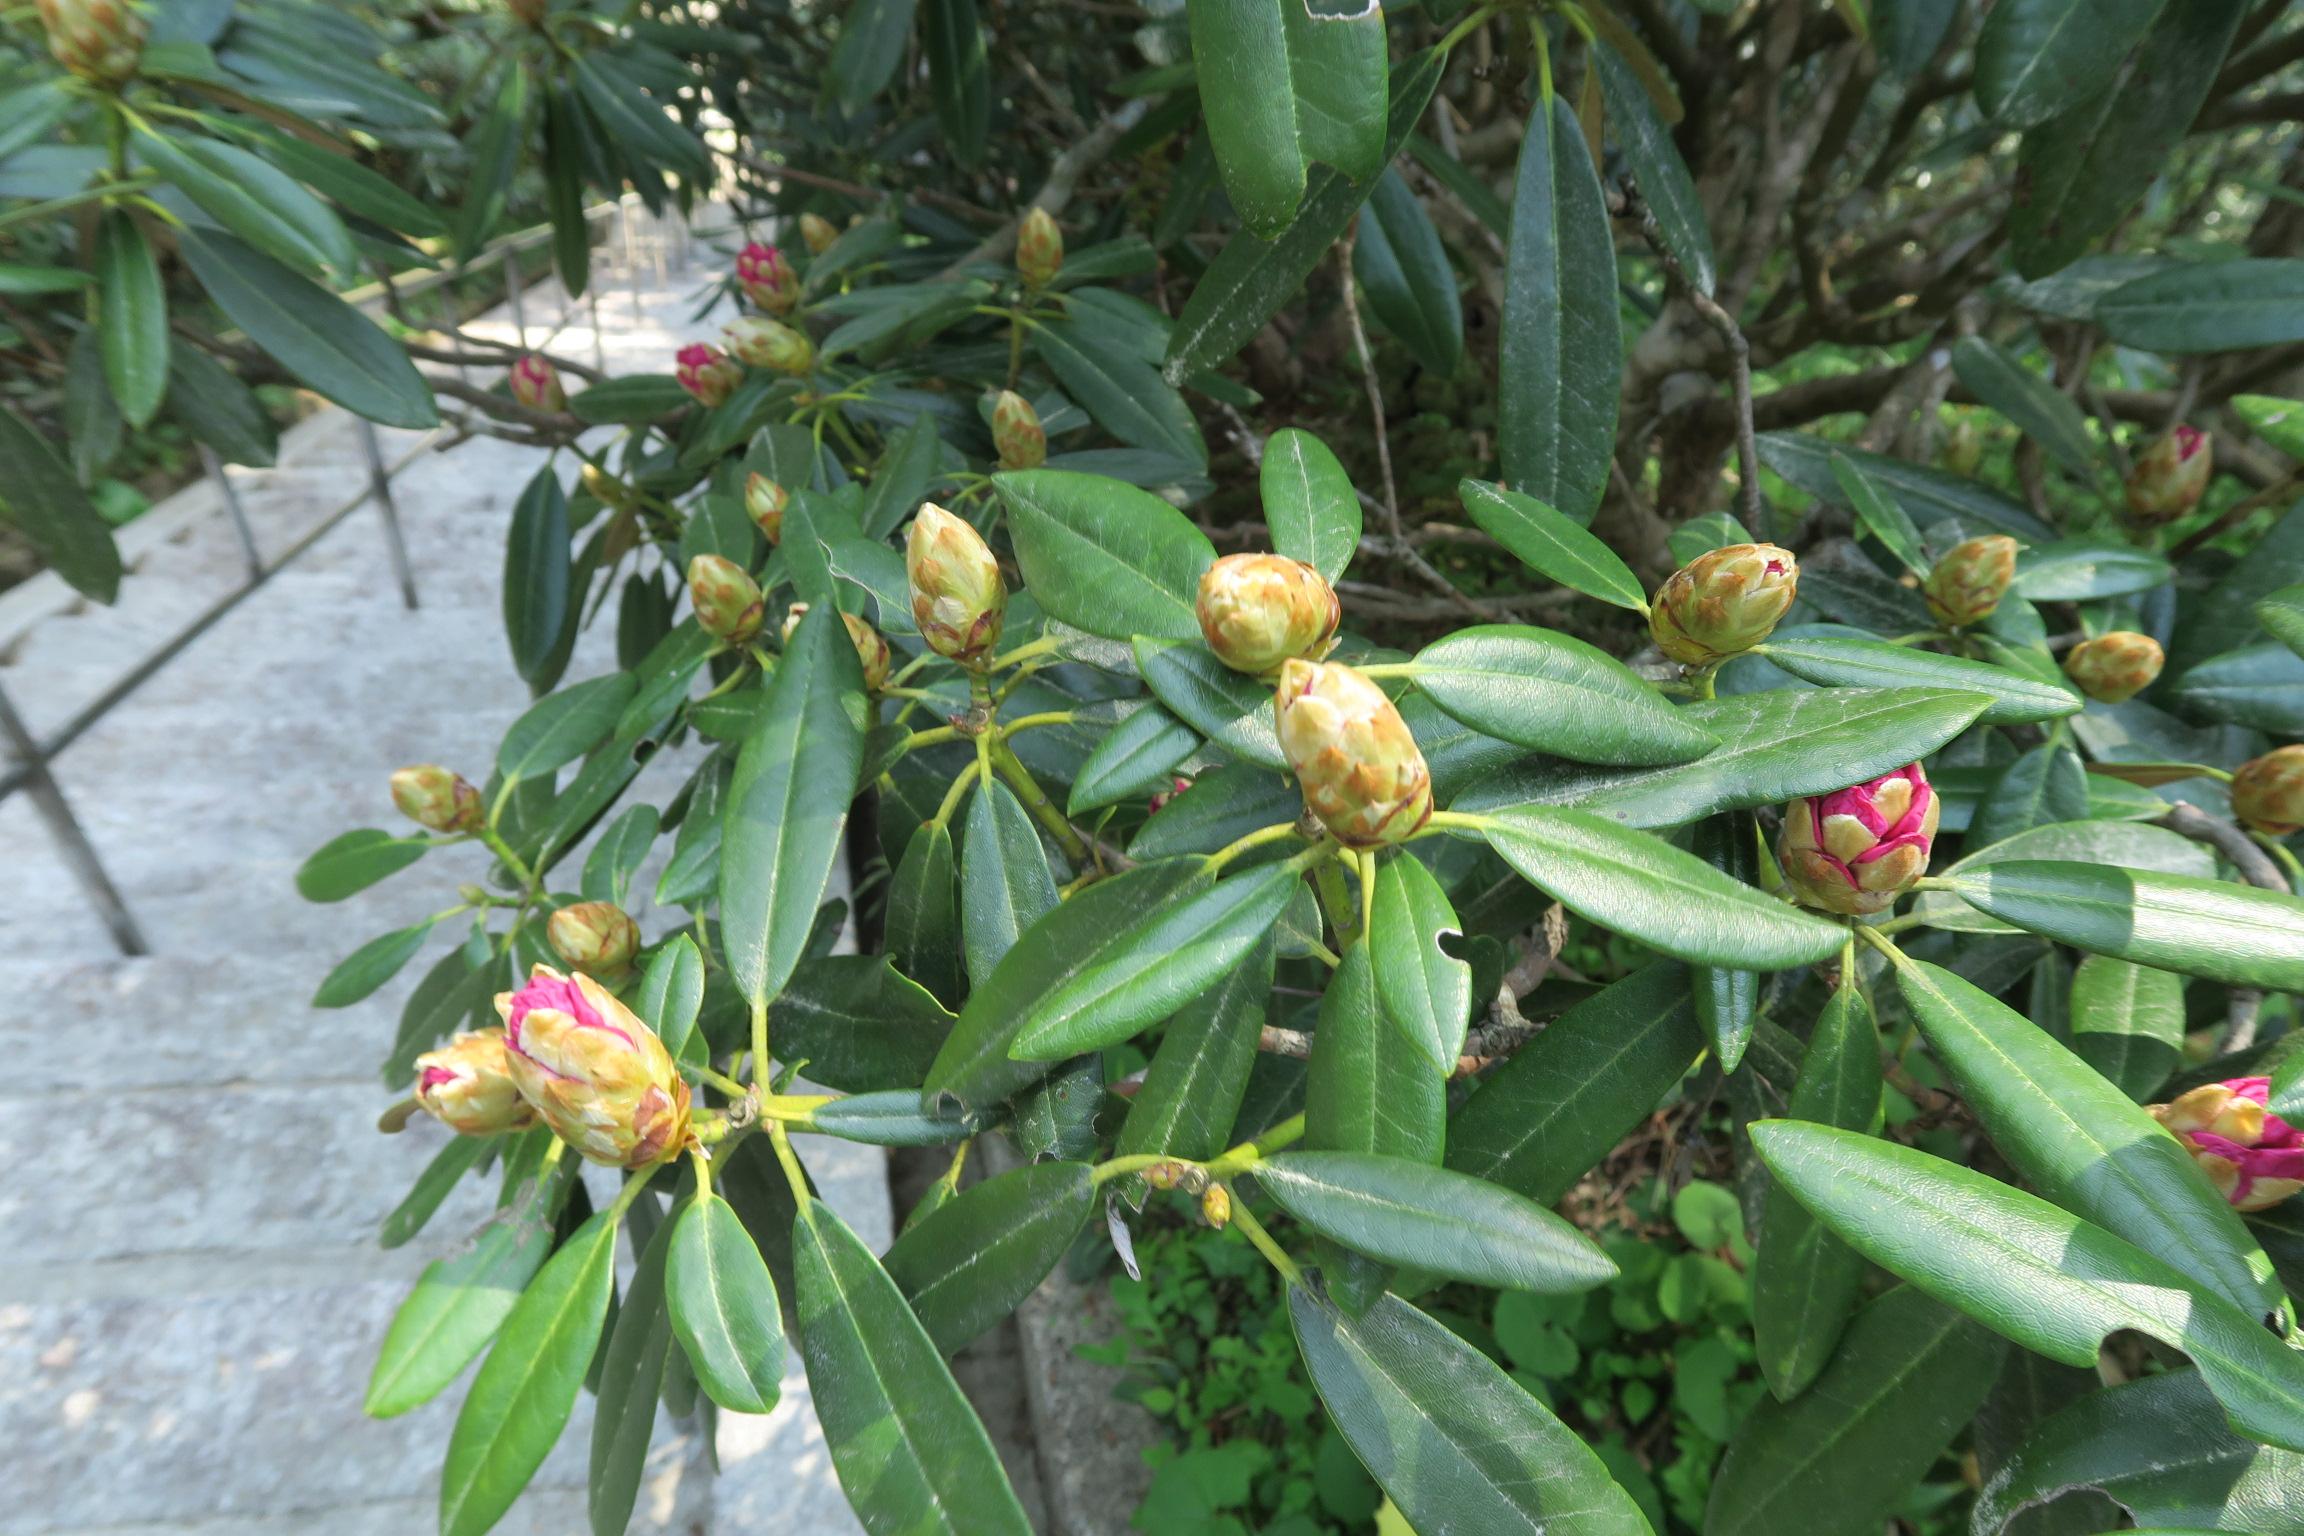 まだ蕾です。標高が高いので、室生寺よりも1週間ほど開花は遅いとのこと。